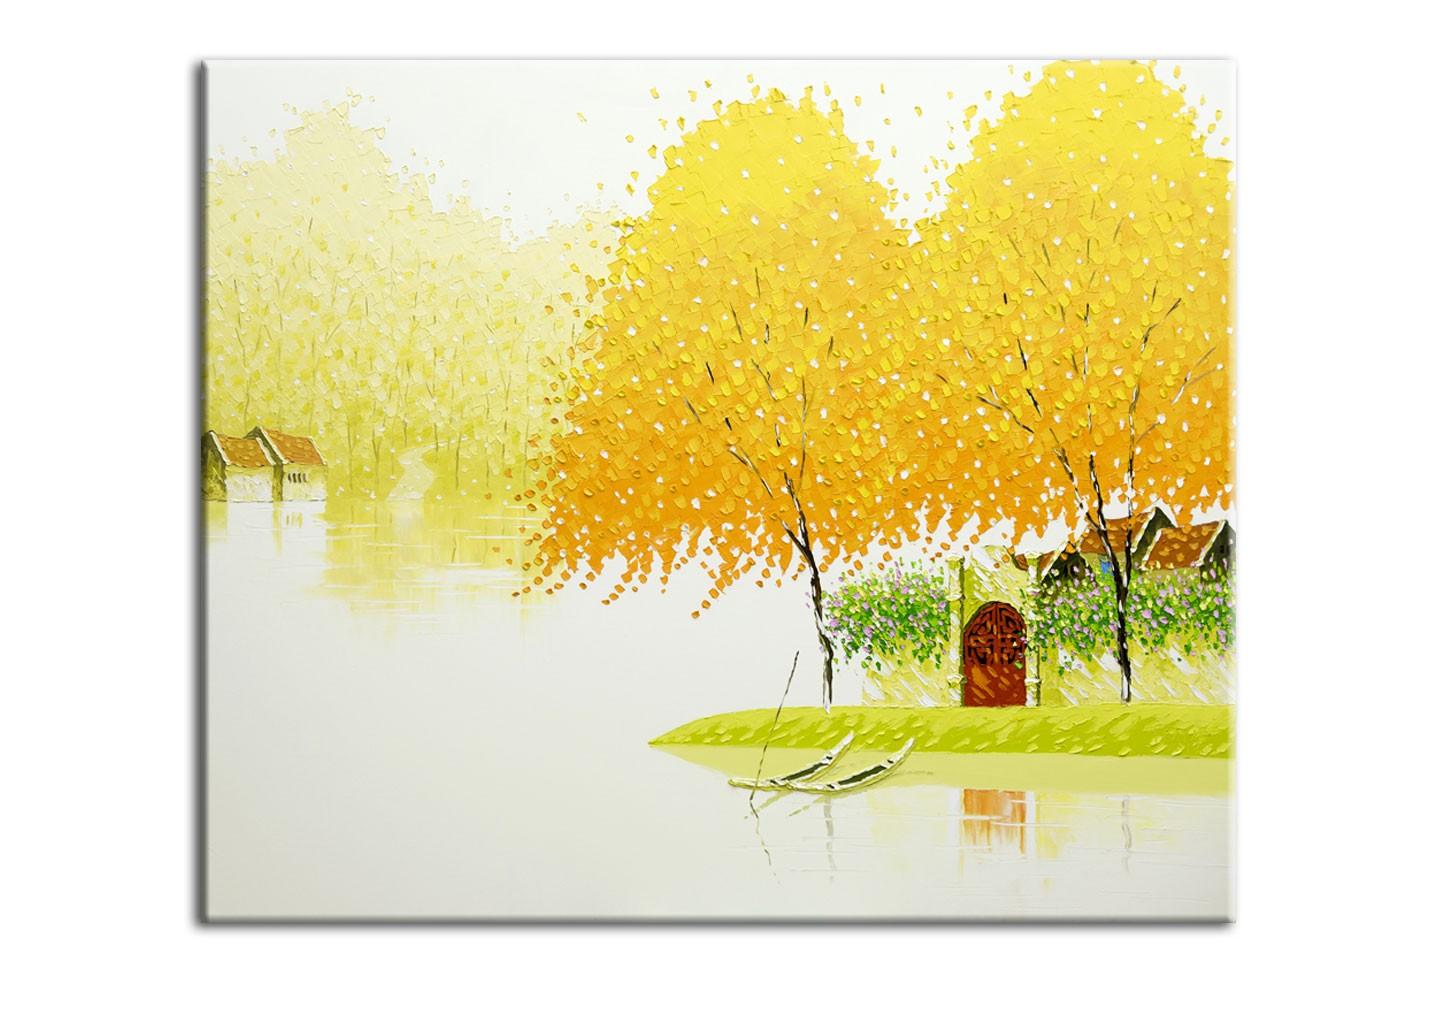 Картина Молочная осеньКартины<br>Авторская копия картины вьетнамской художницы Phan Thu Trang в технике жекле.&amp;lt;div&amp;gt;&amp;lt;br&amp;gt;&amp;lt;/div&amp;gt;&amp;lt;div&amp;gt;Материал: натуральный холст, деревянный подрамник, лак,итальянский фактурный гель.&amp;lt;br&amp;gt;&amp;lt;/div&amp;gt;<br><br>Material: Холст<br>Width см: 60<br>Depth см: 3<br>Height см: 50